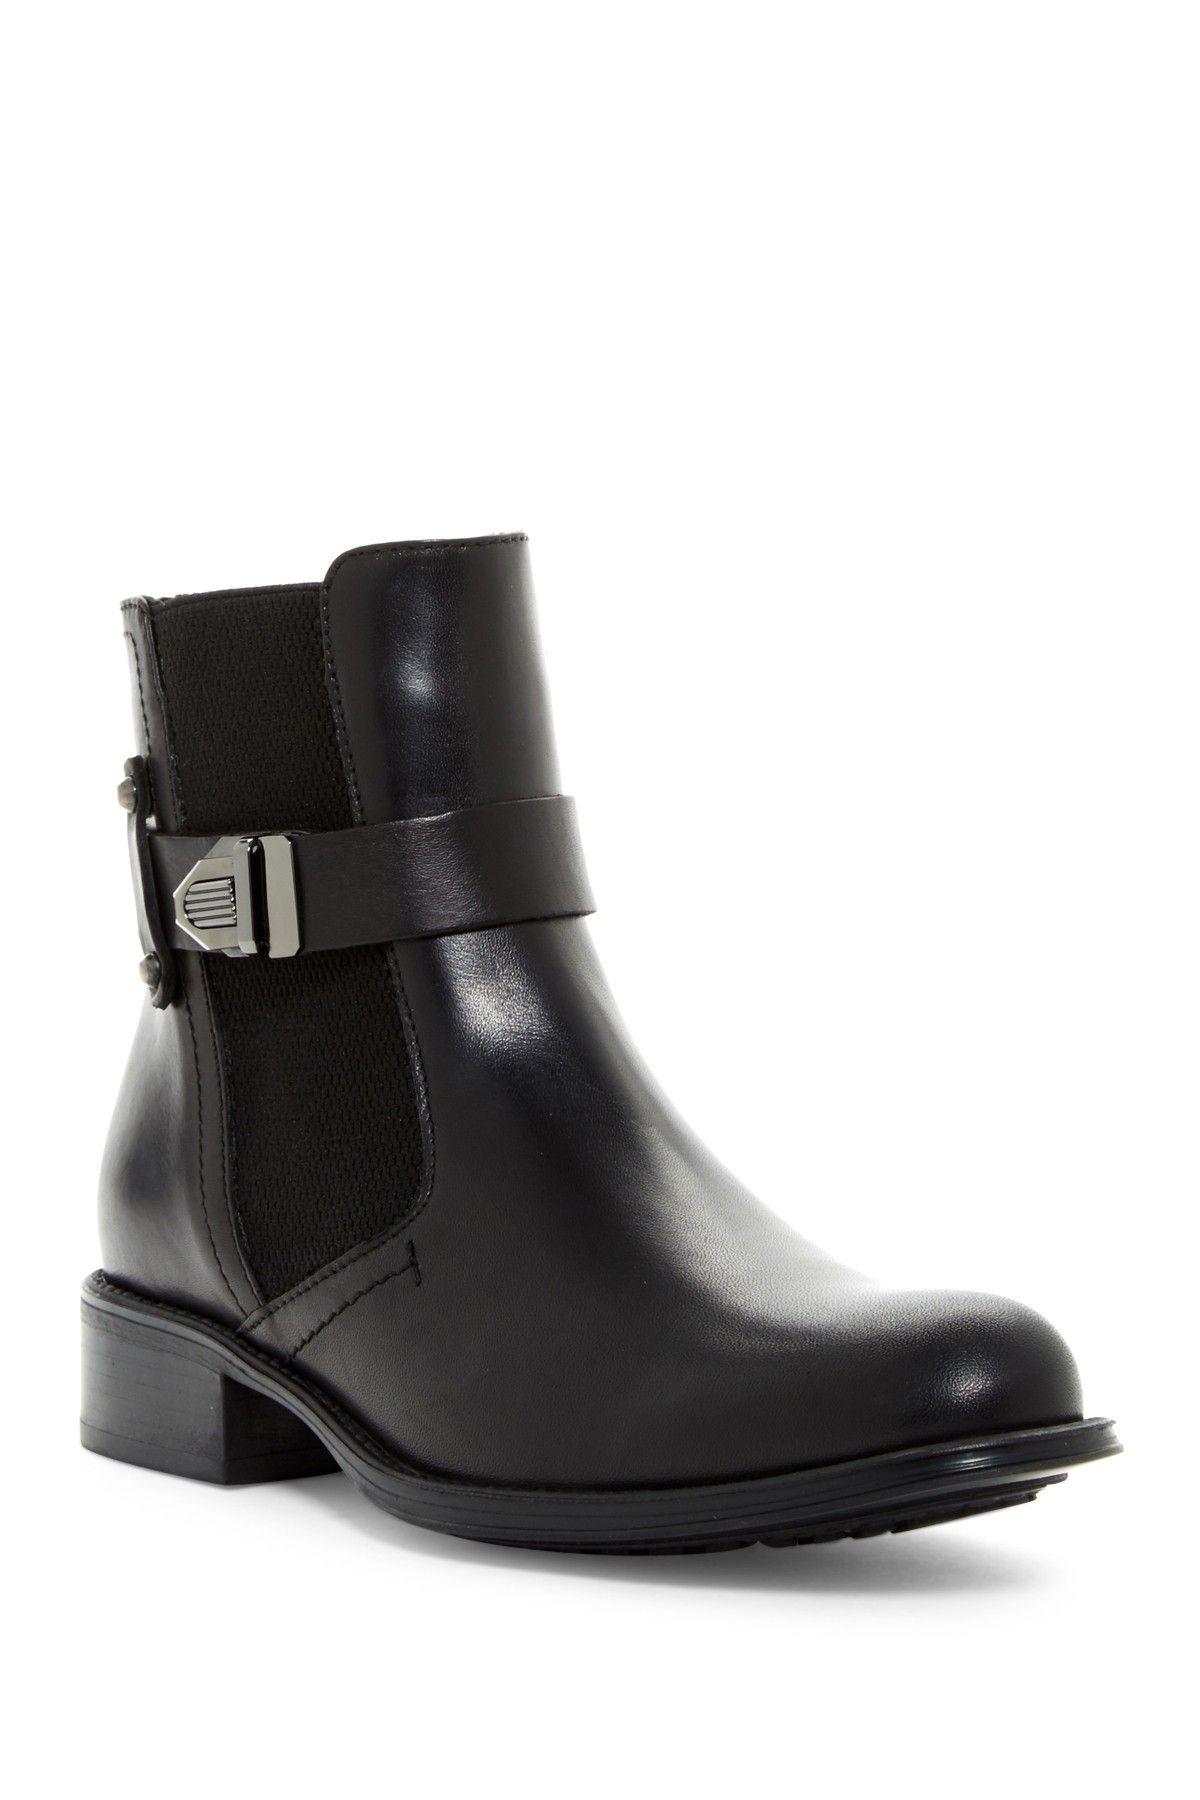 Aquatalia Ulrika Weatherproof Mid Boot Boots